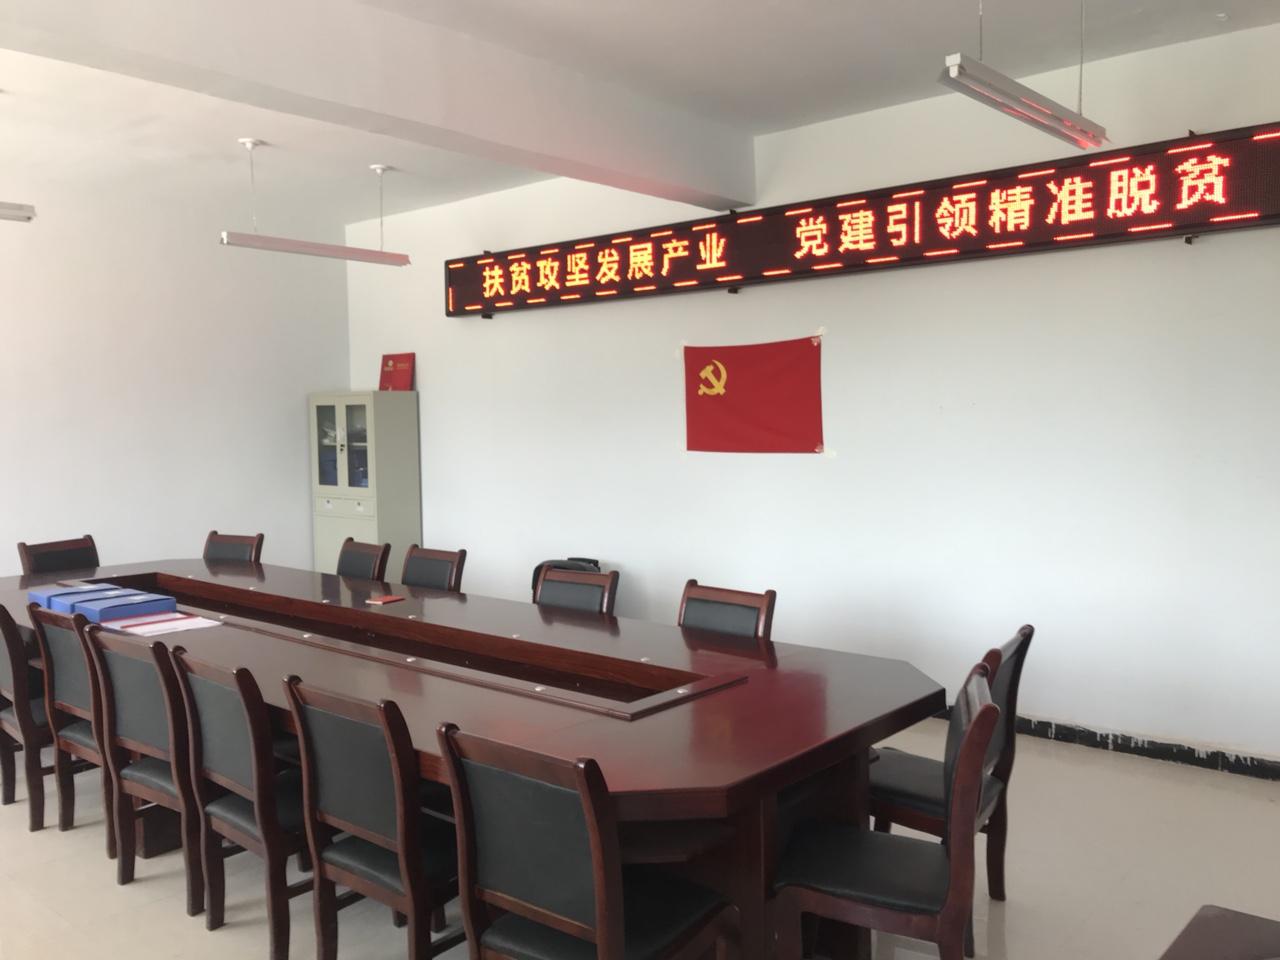 【文化惠民】恭门镇张巴村综合文化服务中心风采